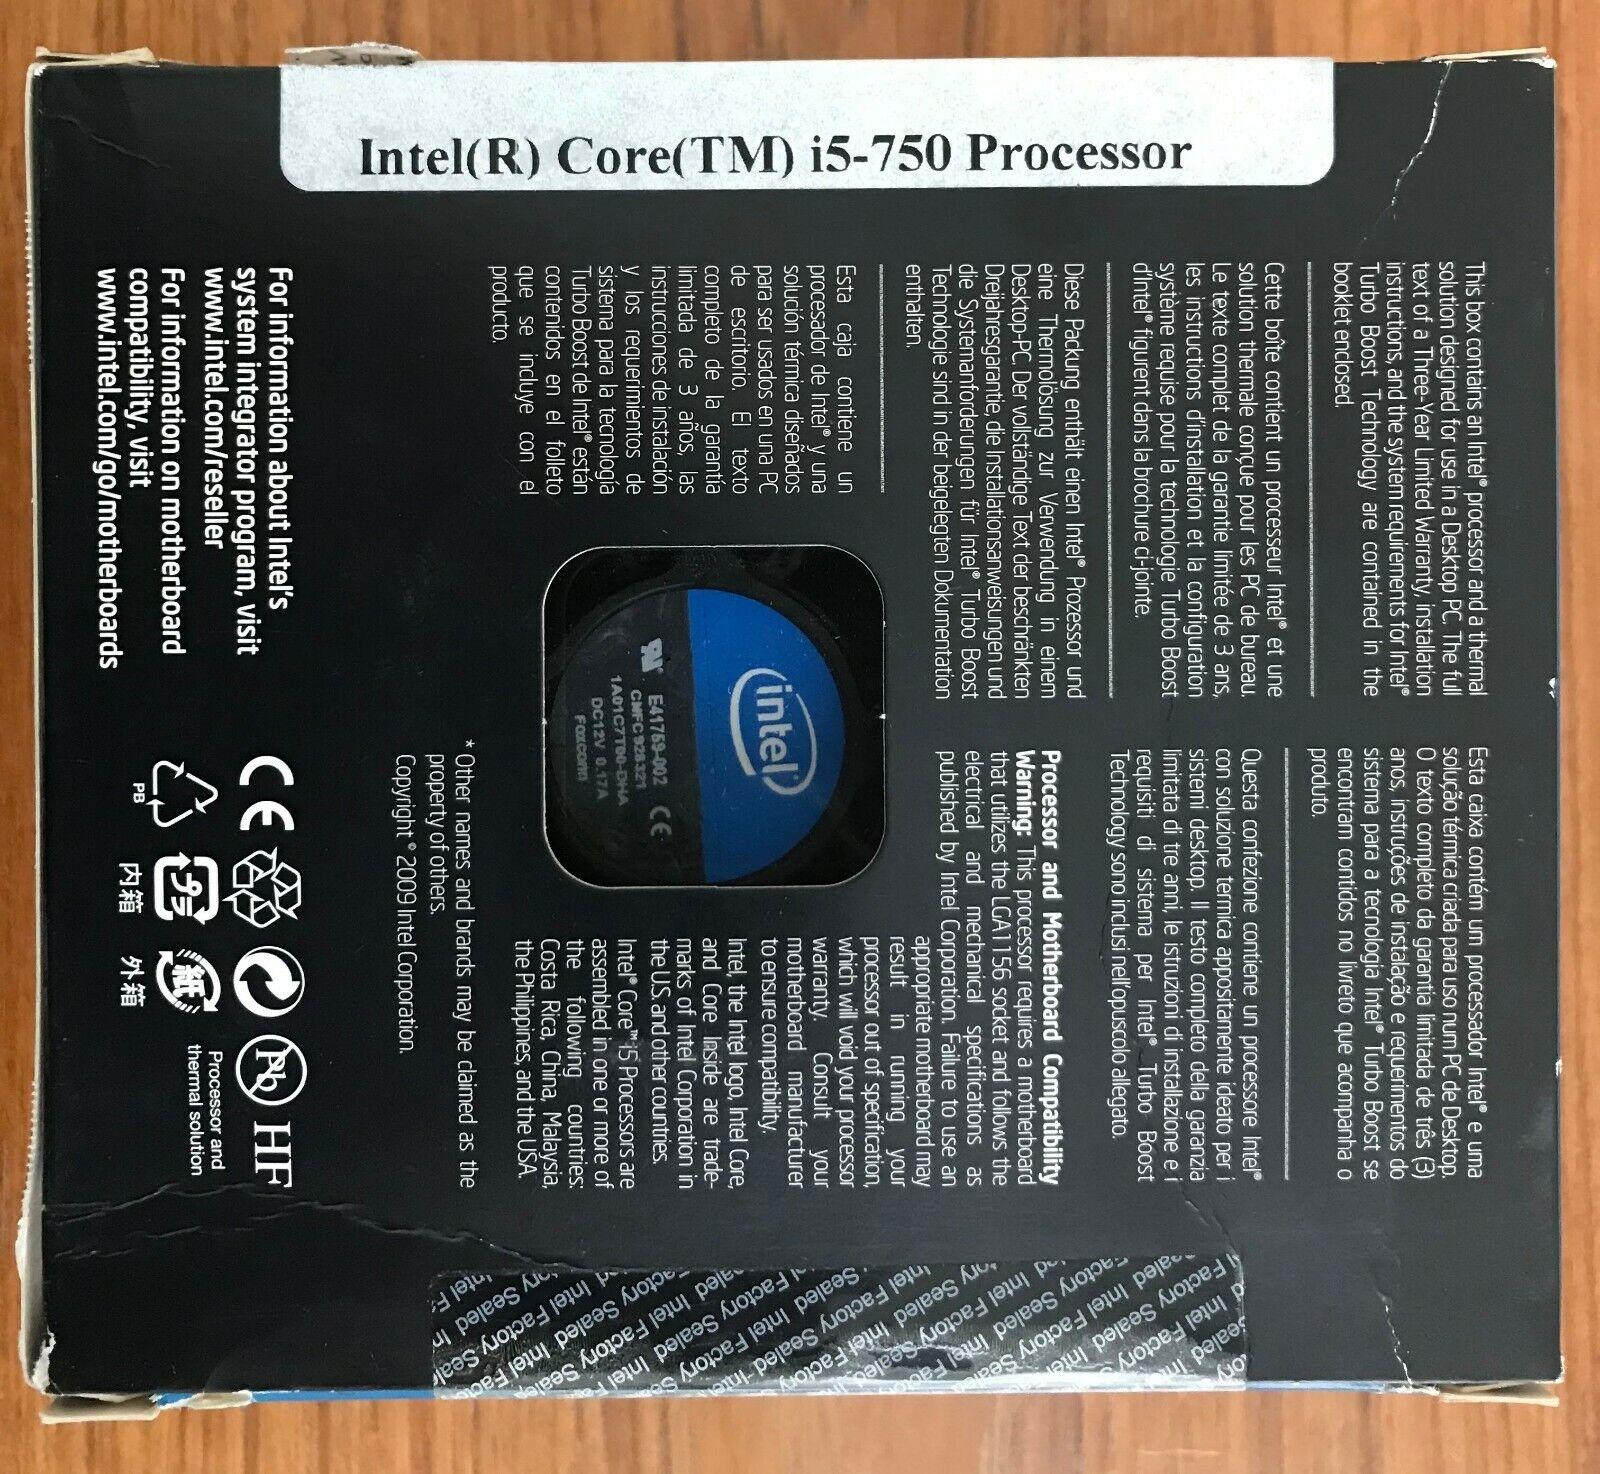 Intel Core i5 750 2 66GHz Quad-Core (BX80605I5750) Processor